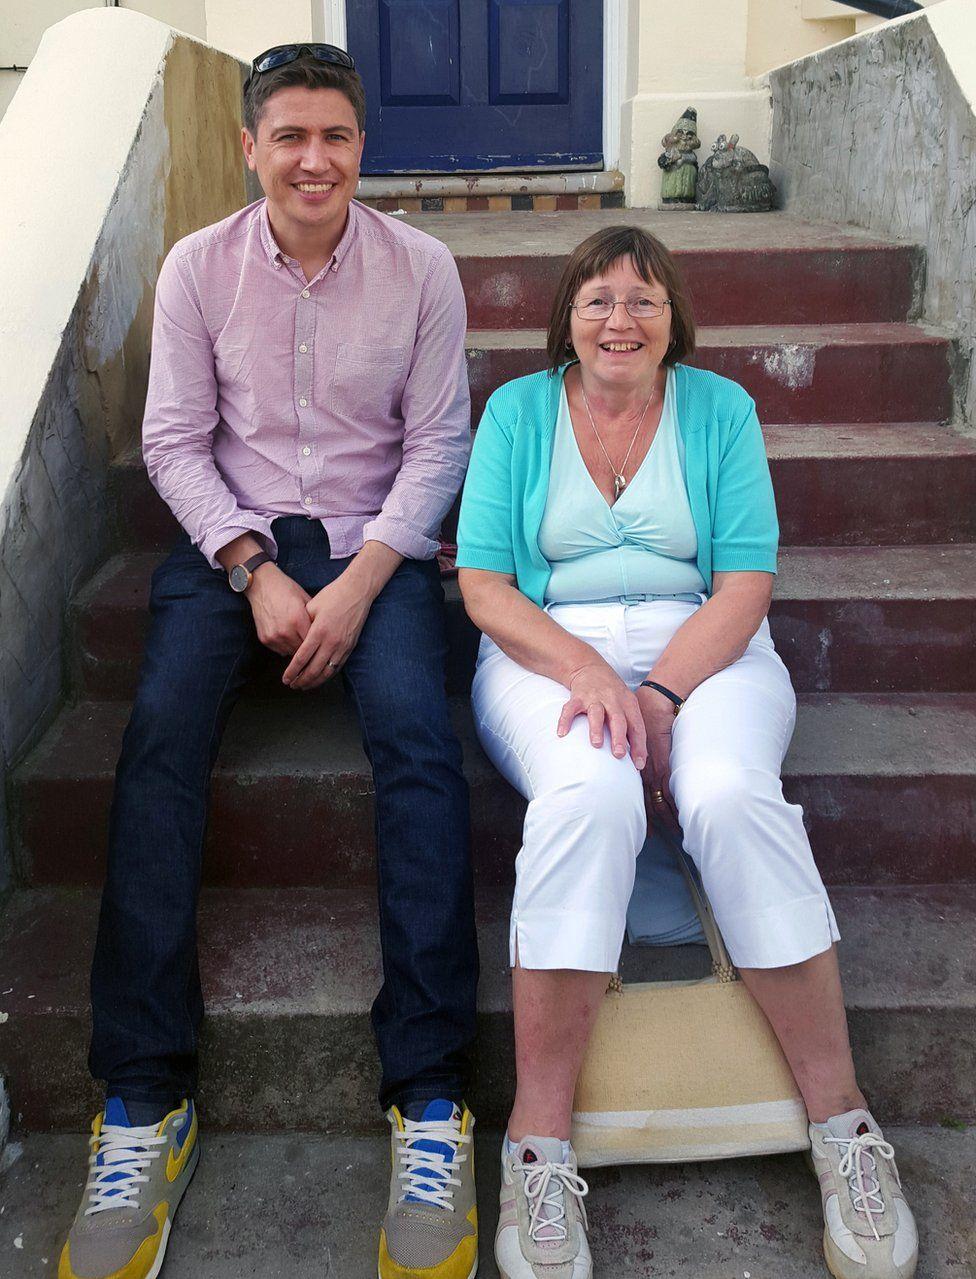 Iain with Irene's best friend, Lynn, in Margate